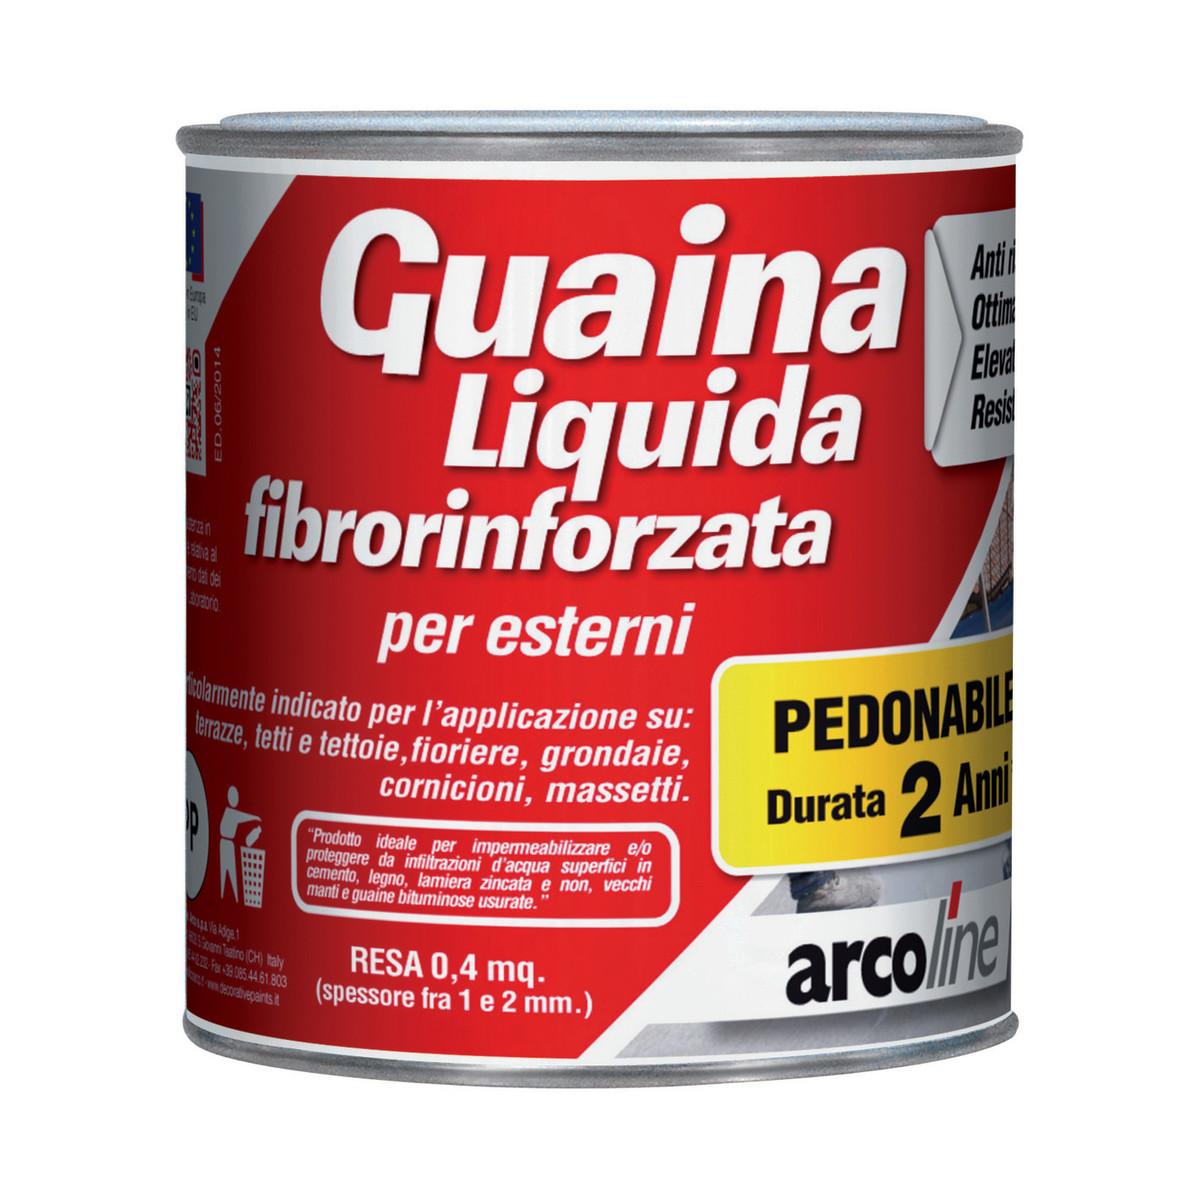 Nikwax impermeabilizzante cerati liquido per pelle equino for Guaina liquida leroy merlin